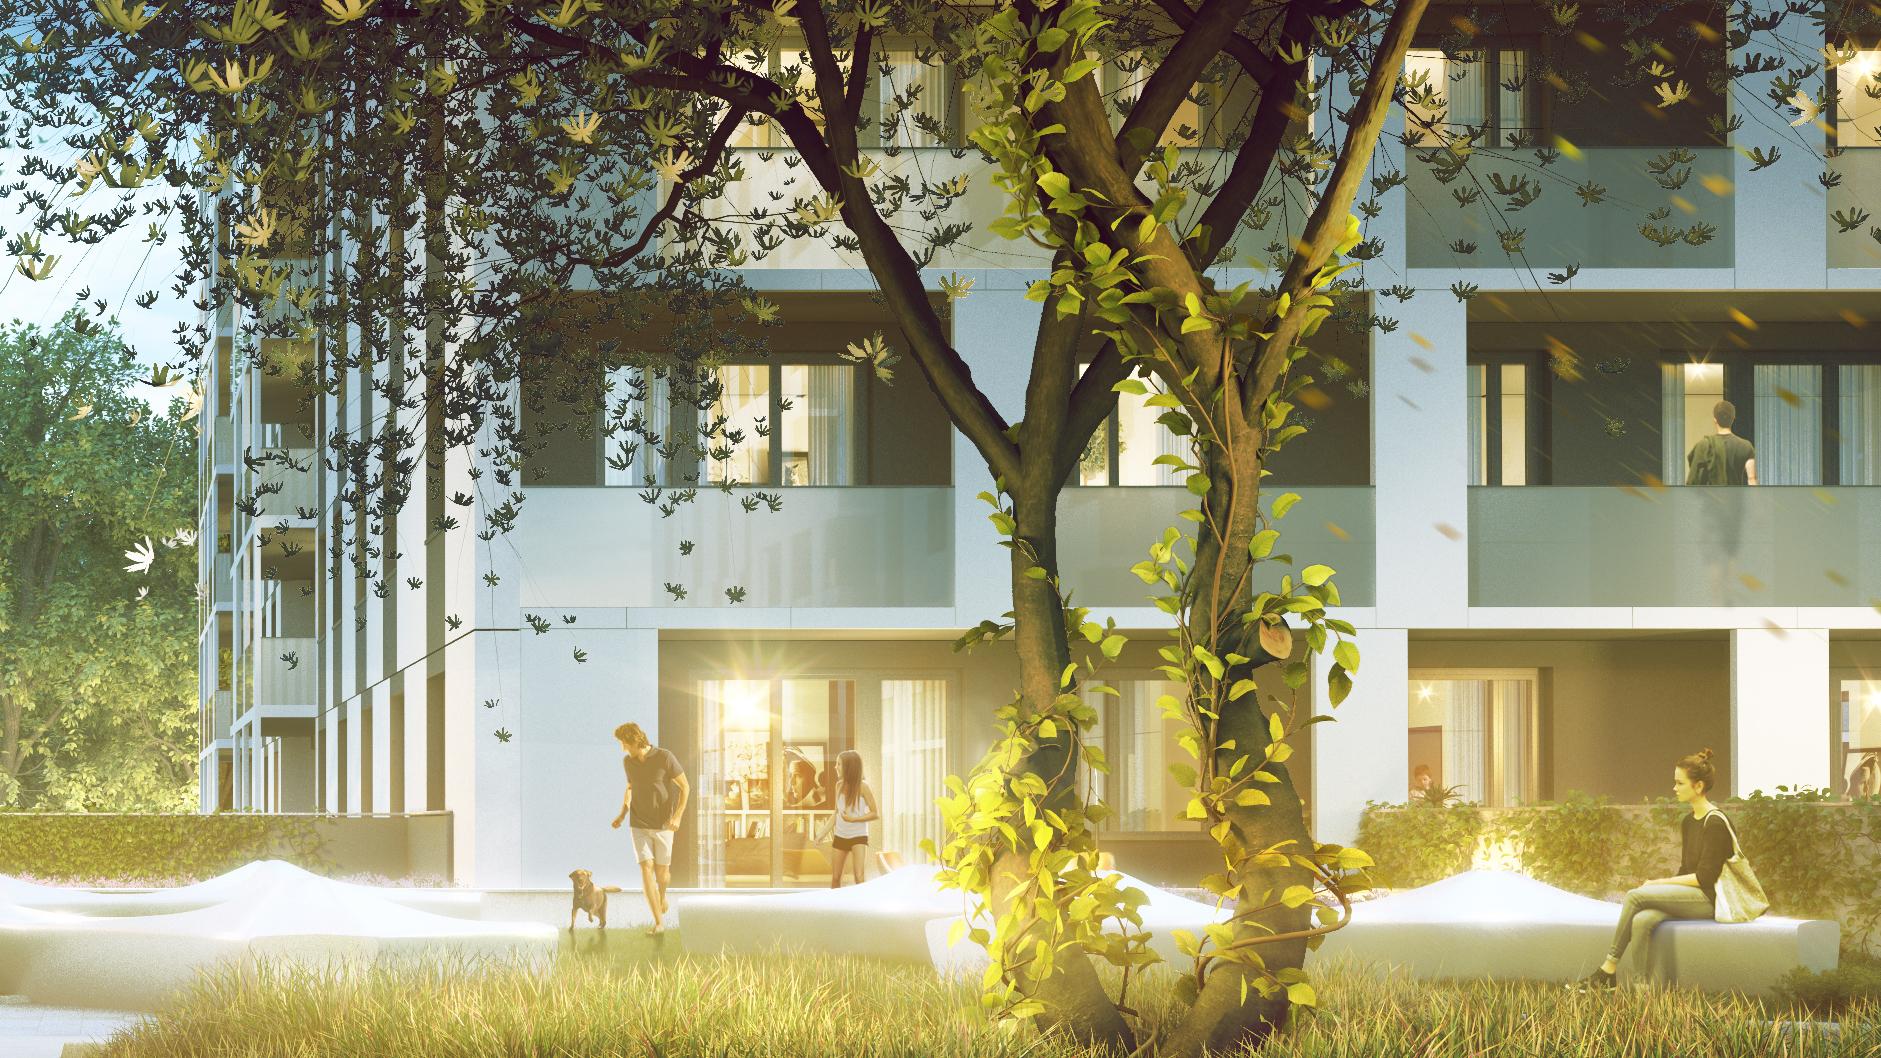 Nowe mieszkania Kraków - koszty utrzymania